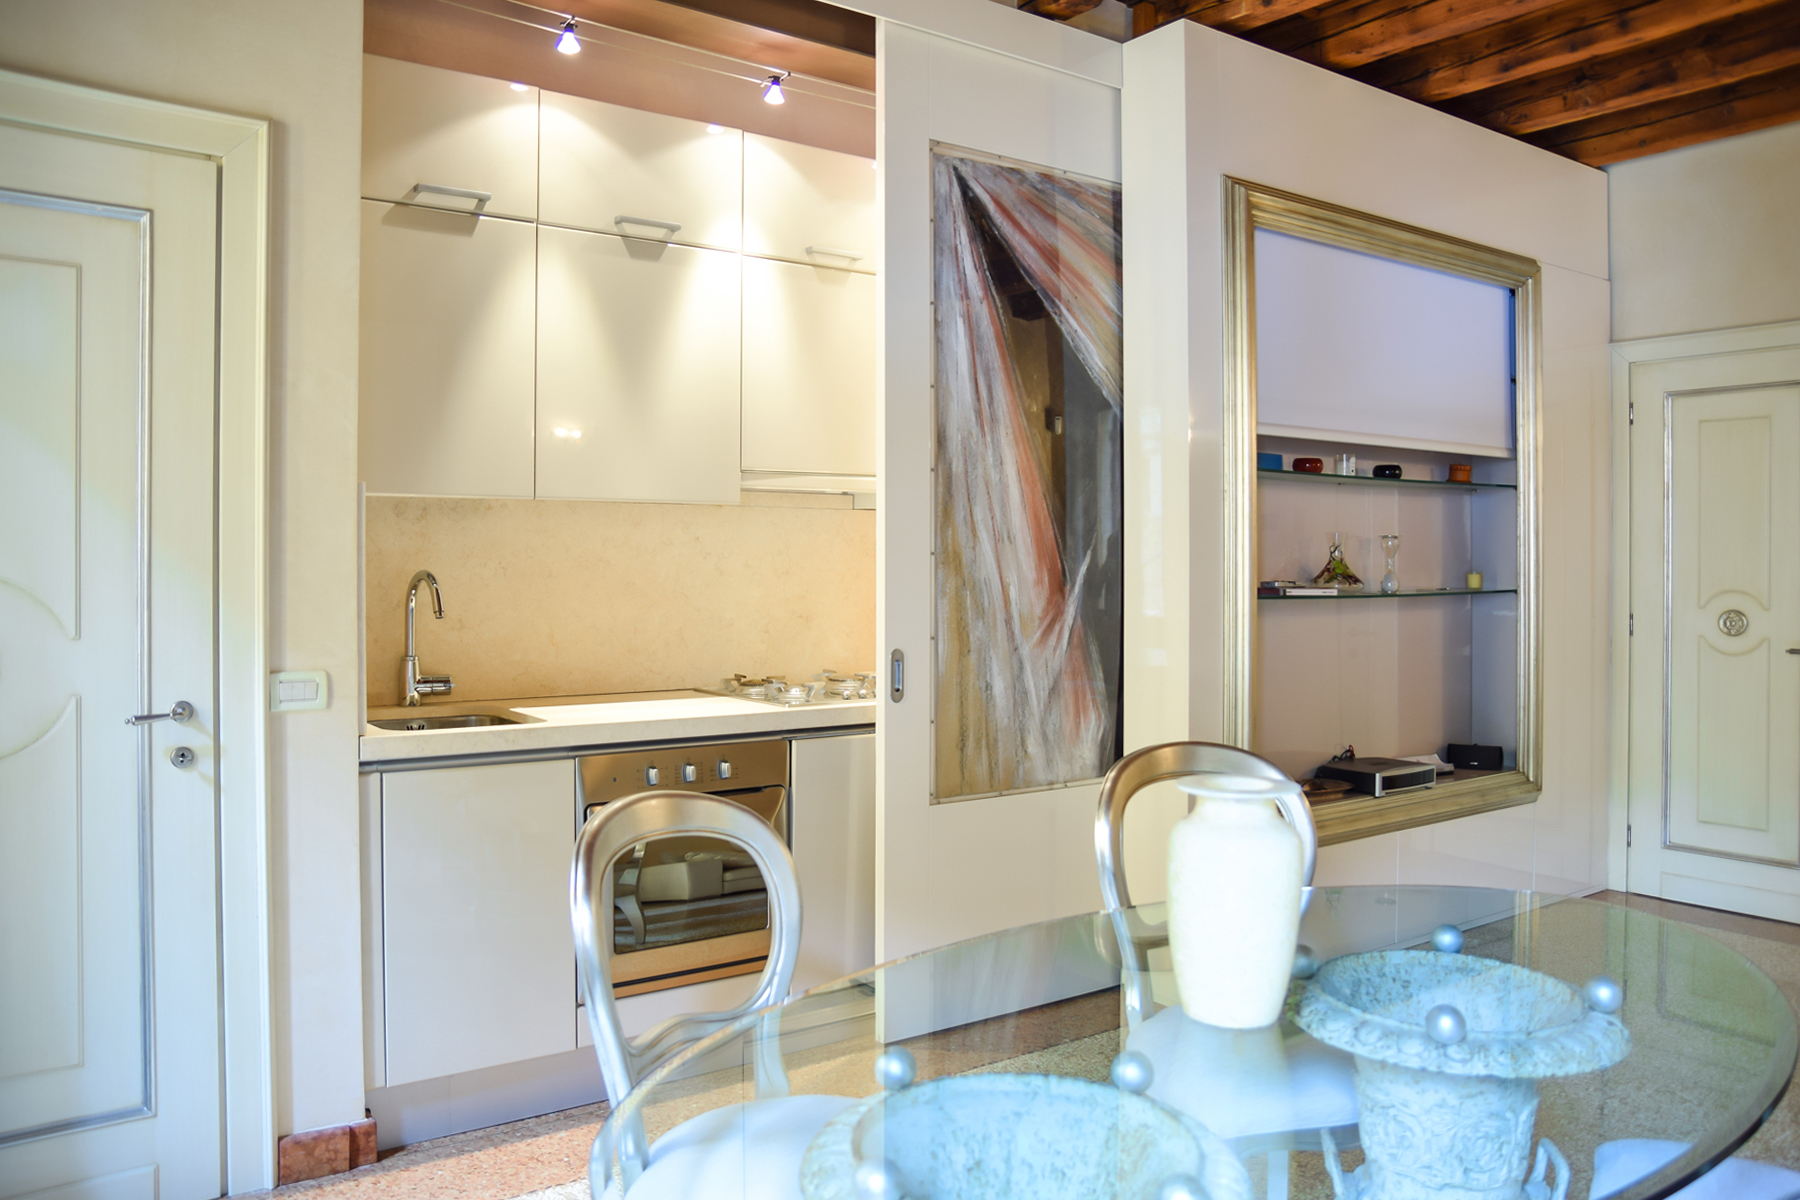 Appartamento in Vendita a Verona: 3 locali, 75 mq - Foto 5